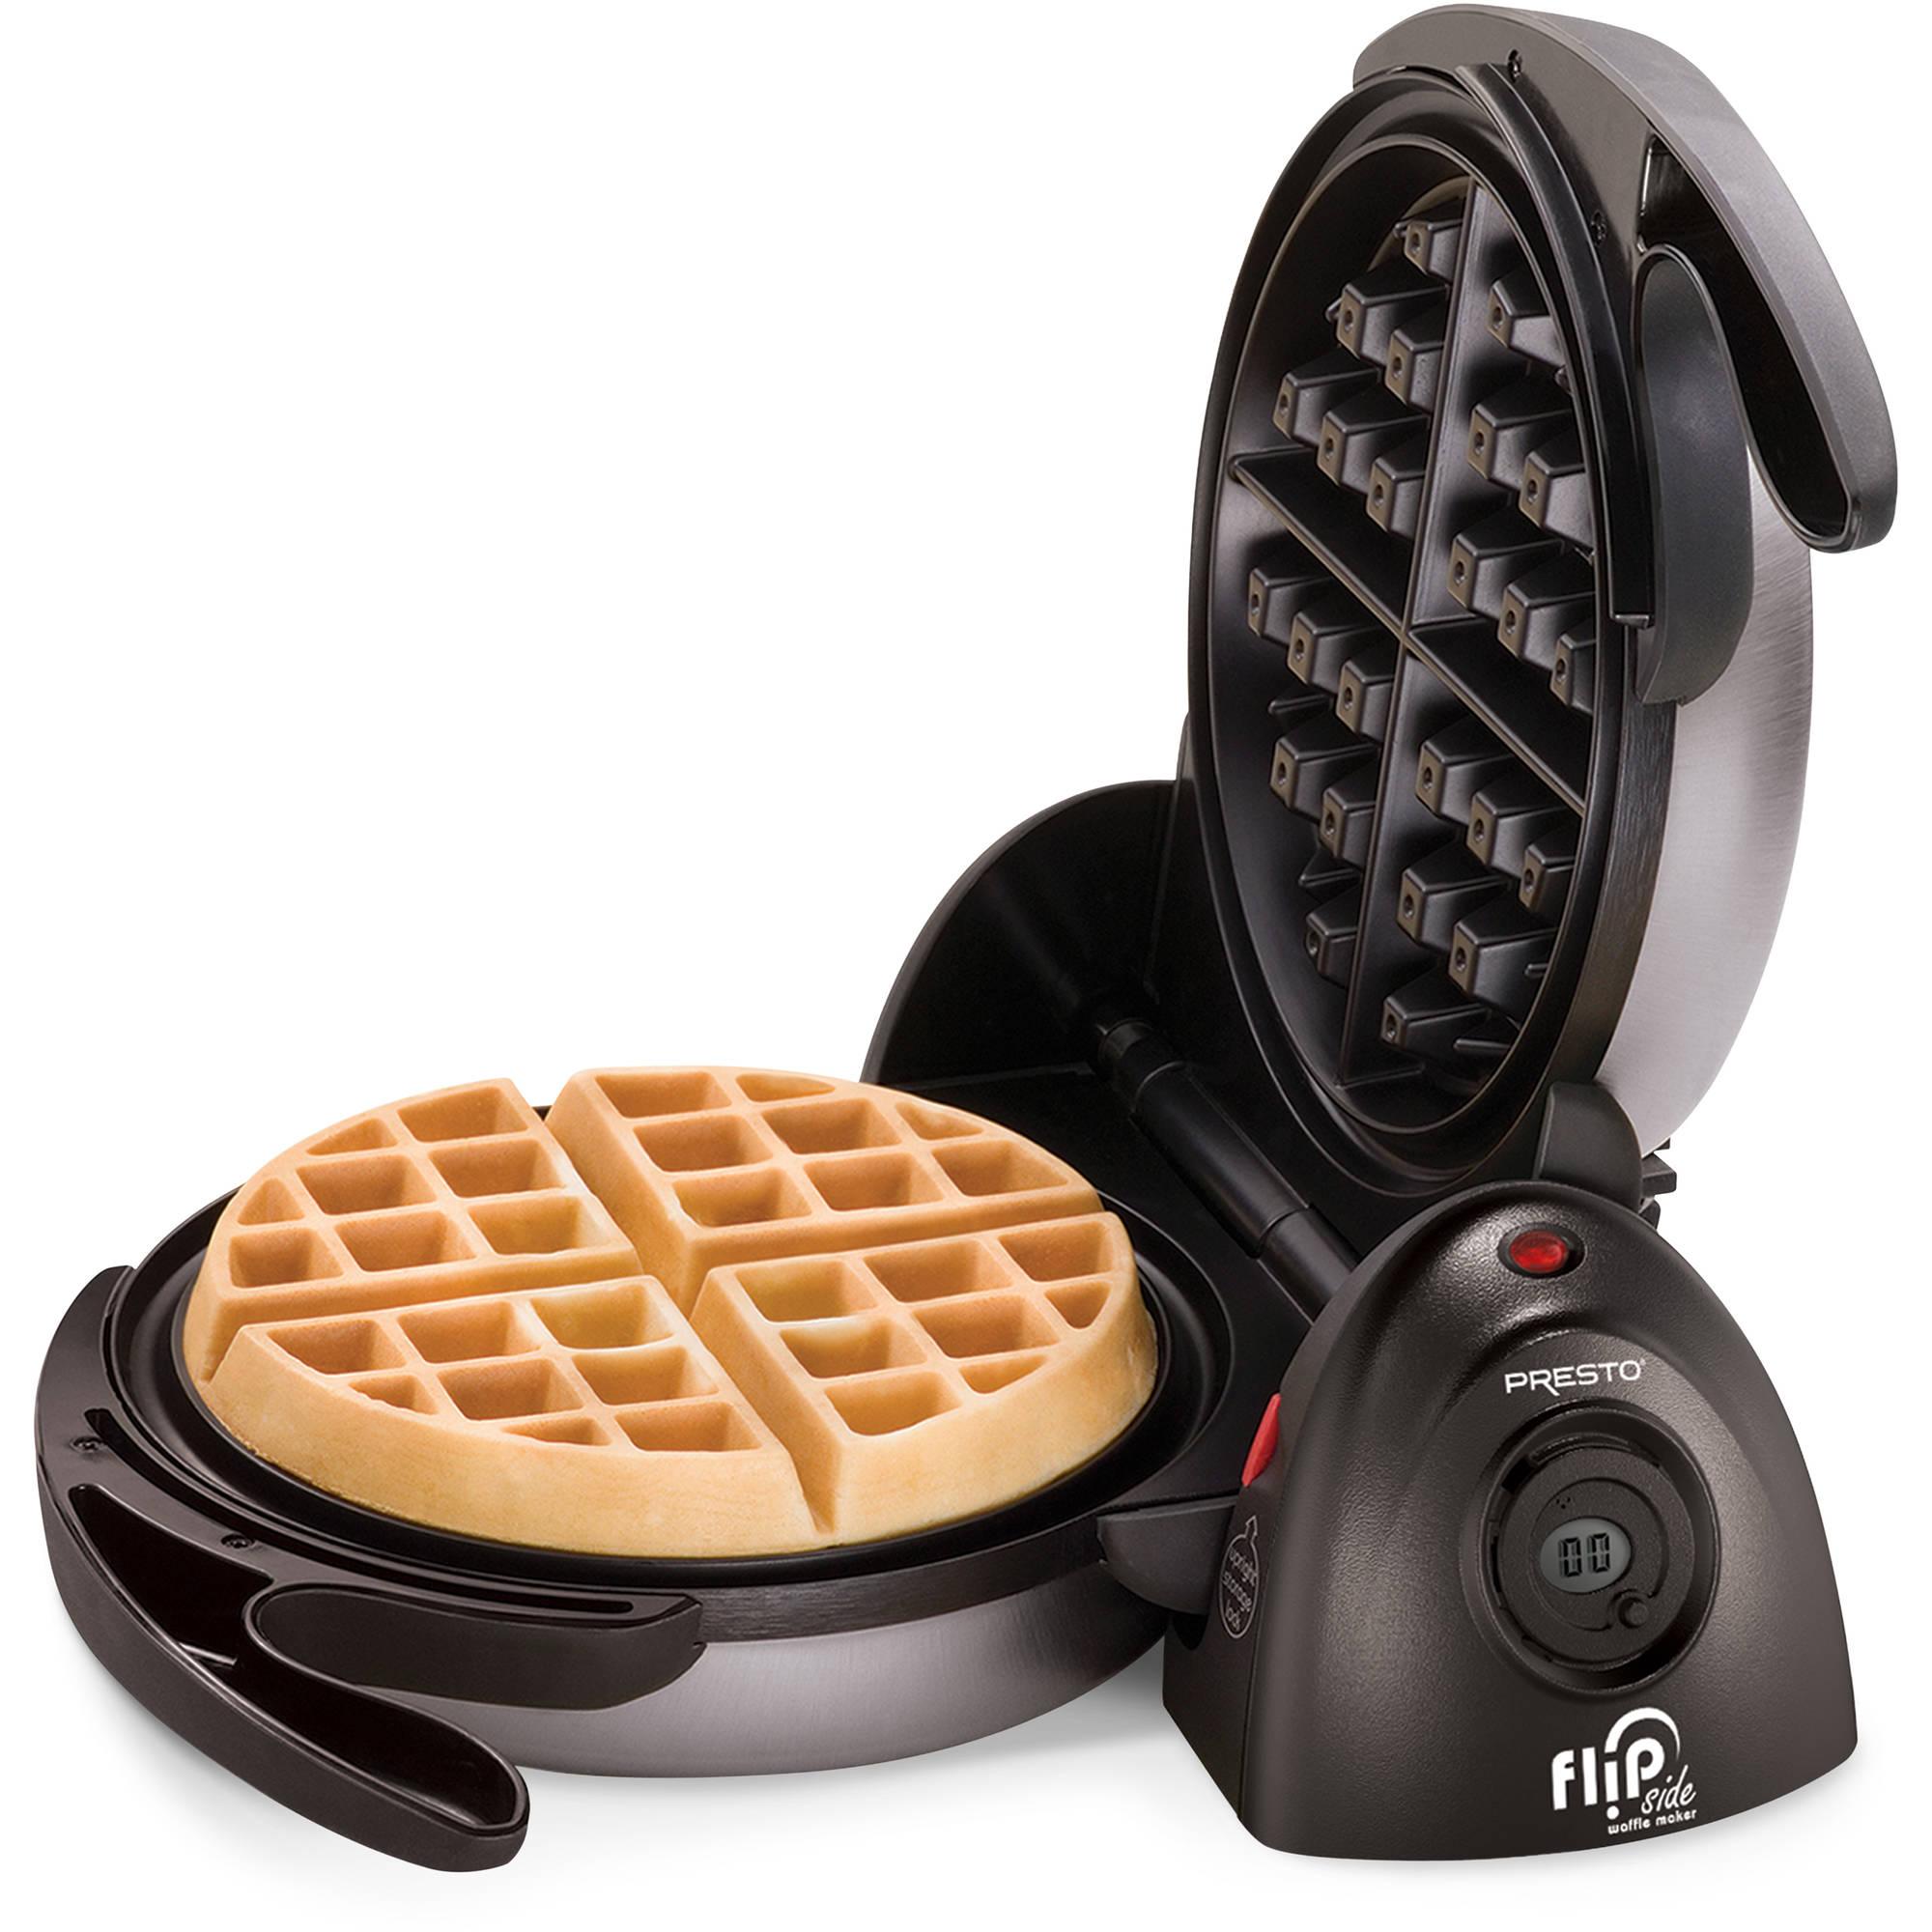 Presto FlipSide Belgian Waffle Maker